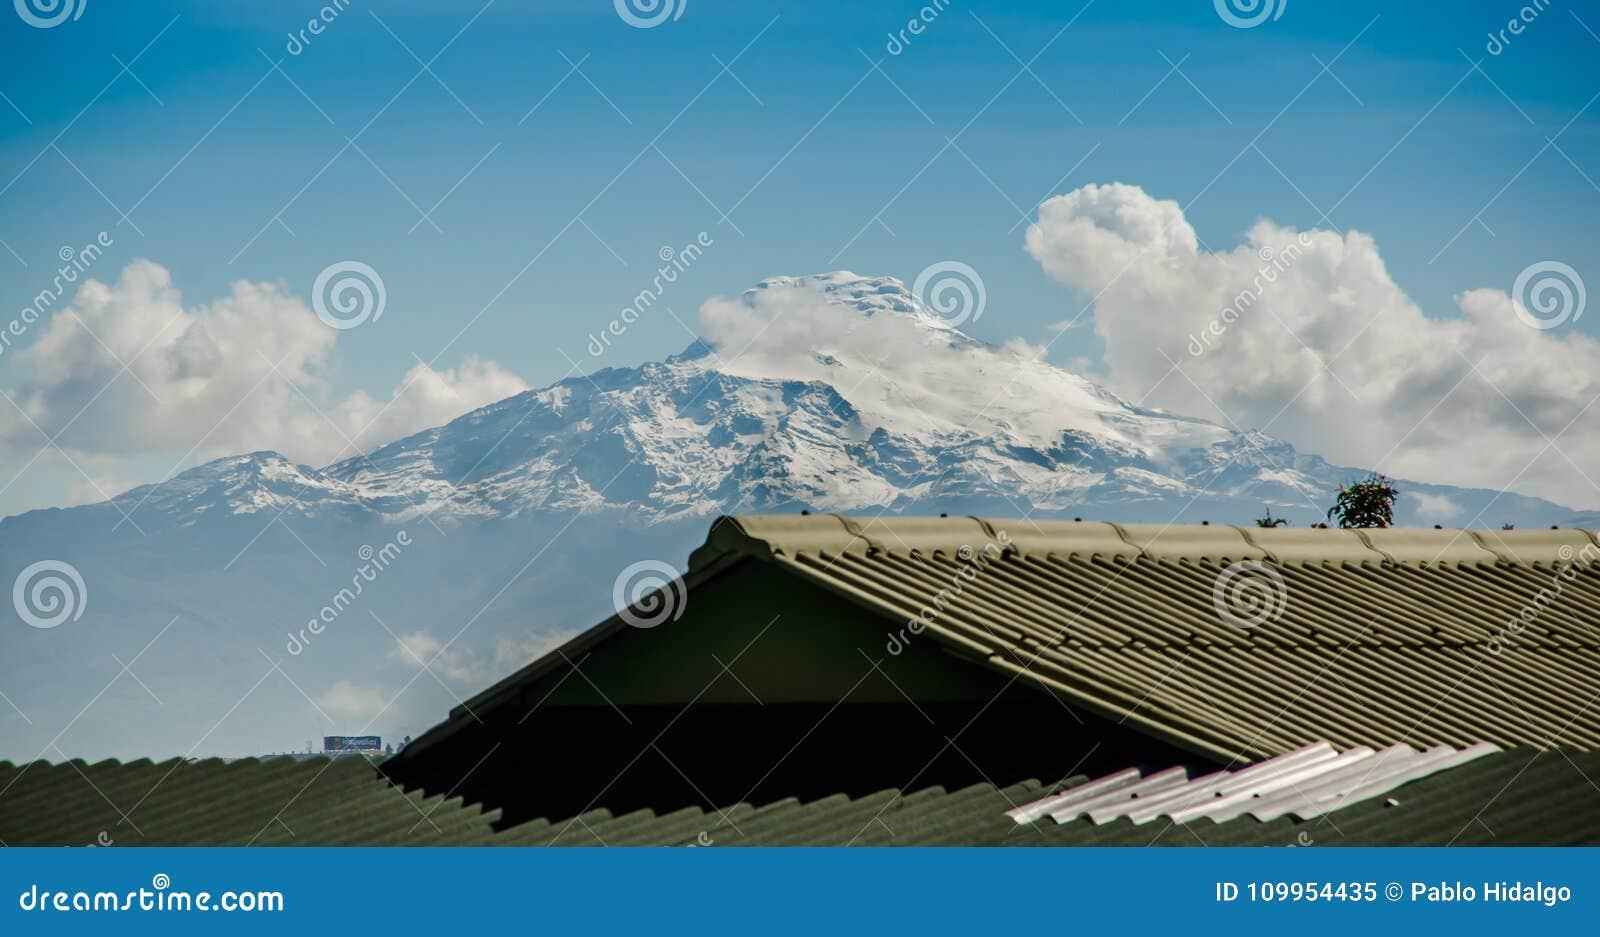 De mooie mening van de sneeuw caped Illinizas-vulkaan, in de Ecuatoriaanse Andes, op een zonnige en donkere ochtend